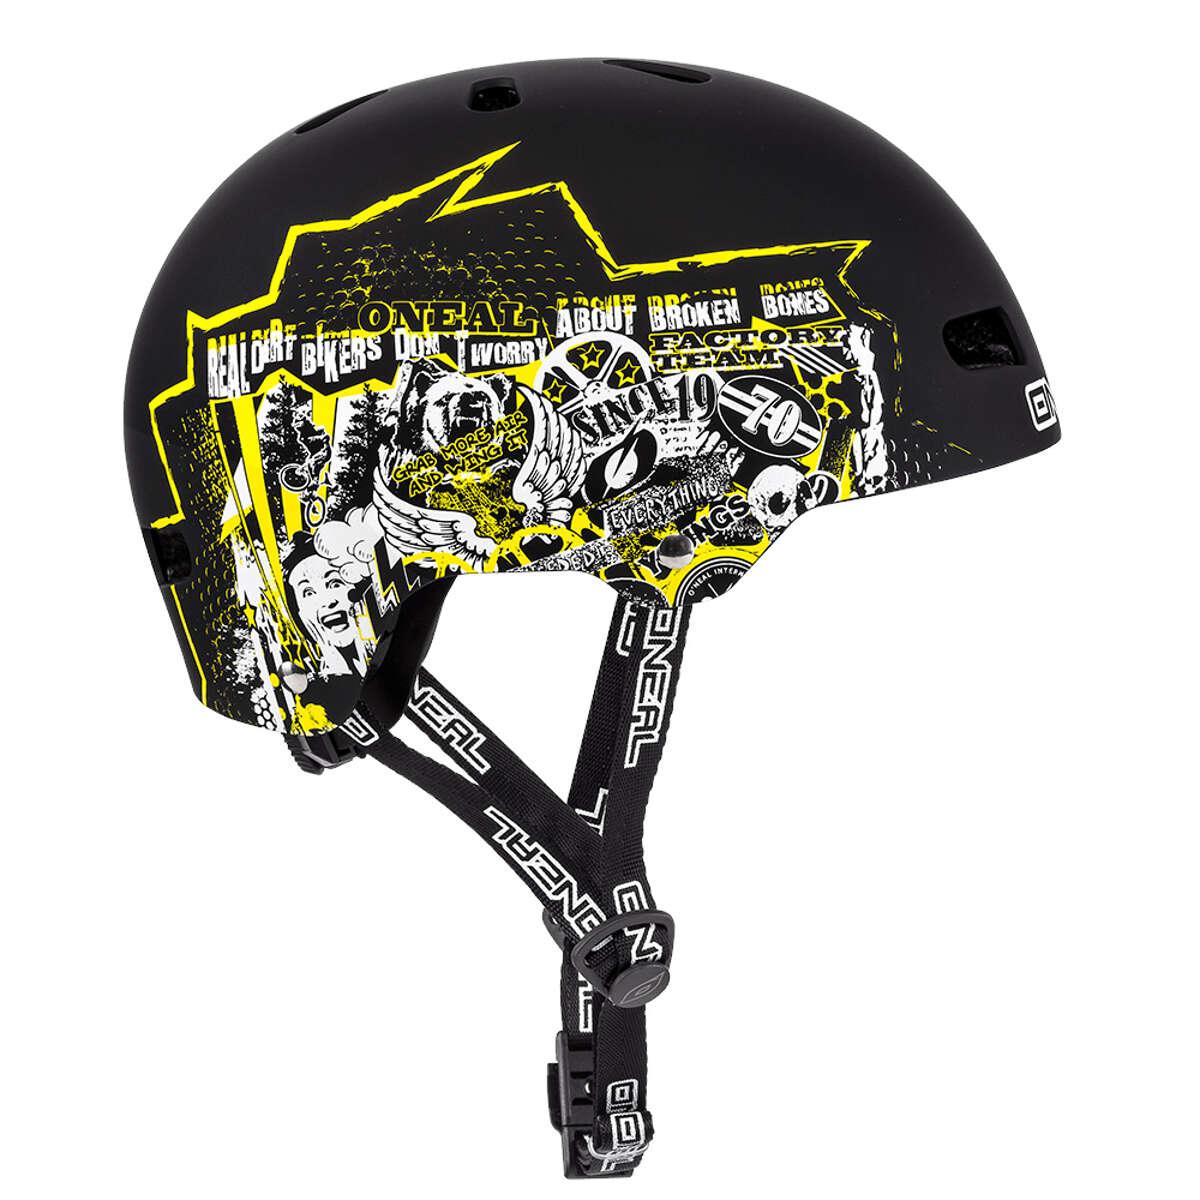 Gelb O'Neal BMX/Dirt Helm Dirt Lid ZF Rift Radsport